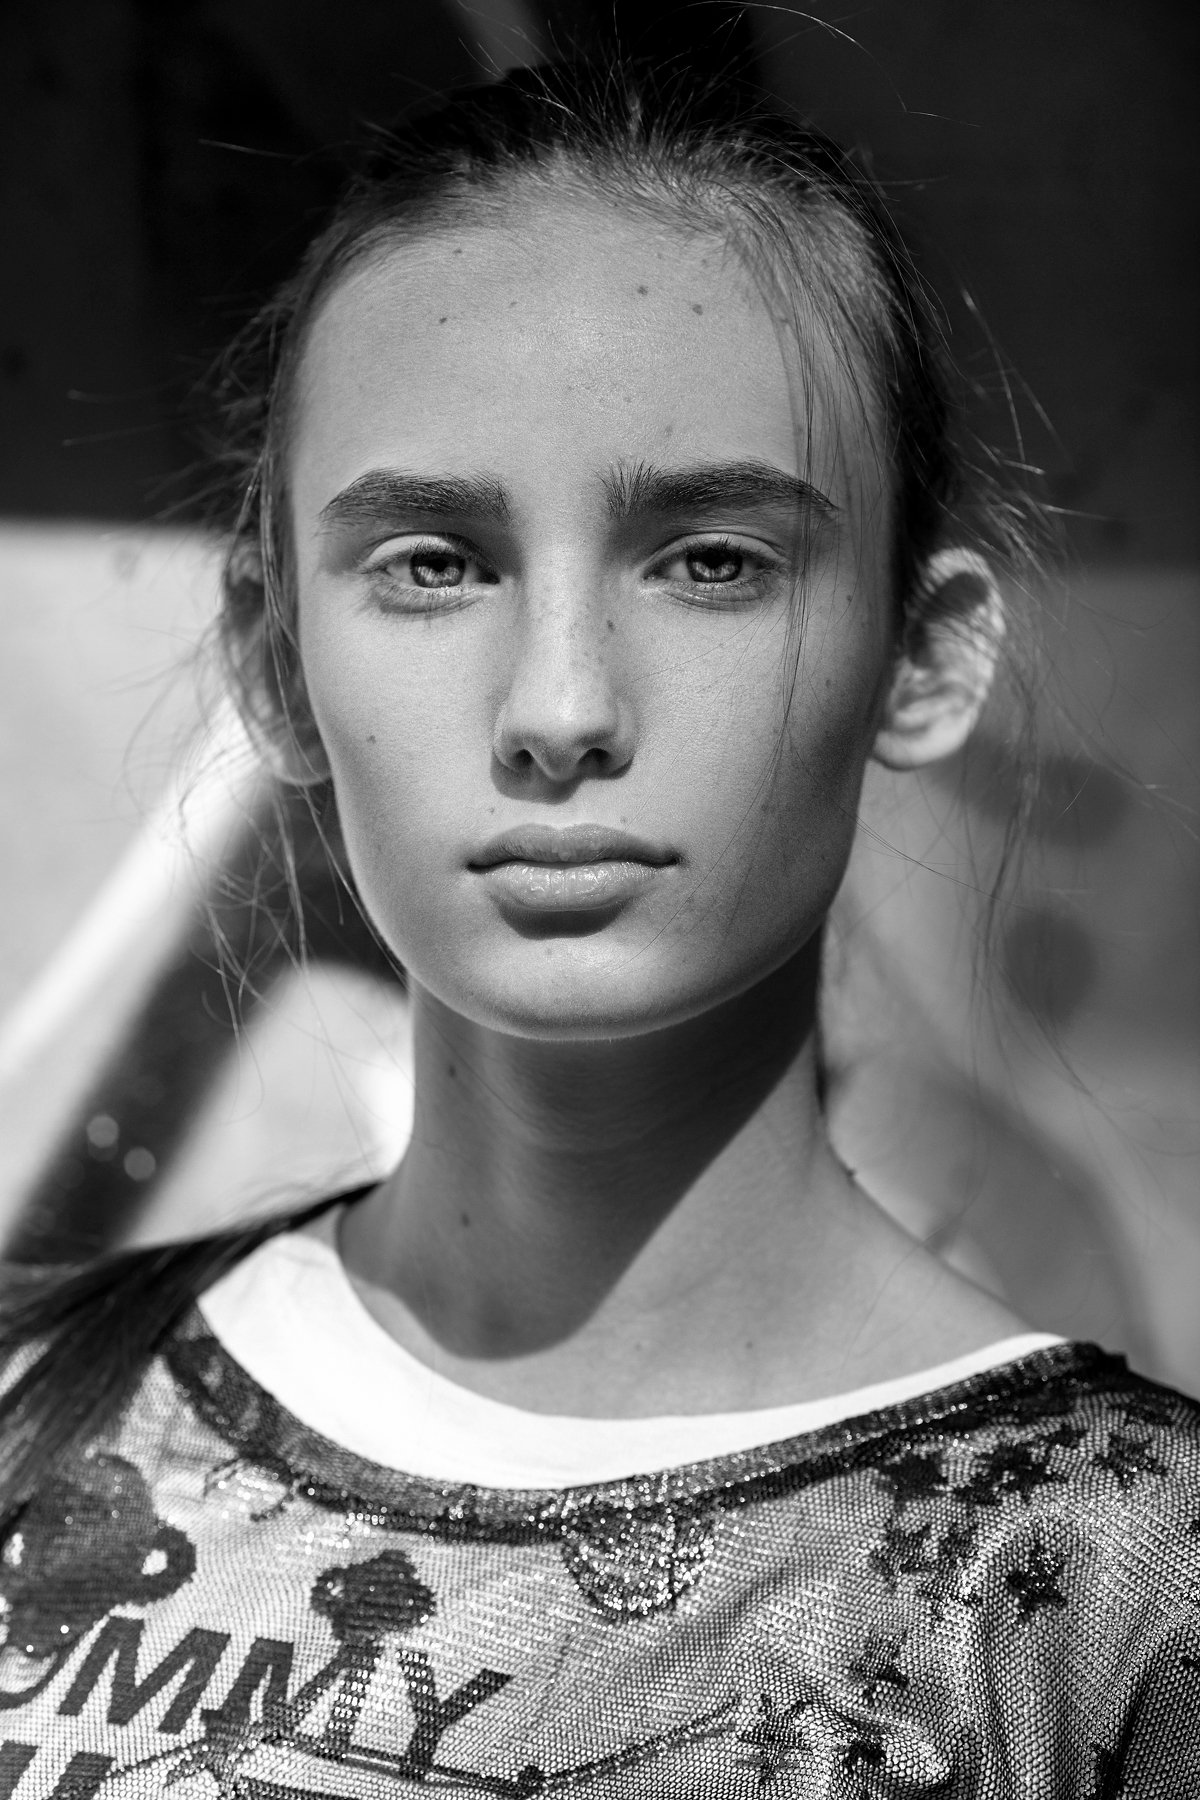 Model, Asen Andreev, Asen Andreev Photography, Pose, B&W, Black&White, Monochrome, Portrait, Natural, Natural Light, , asen